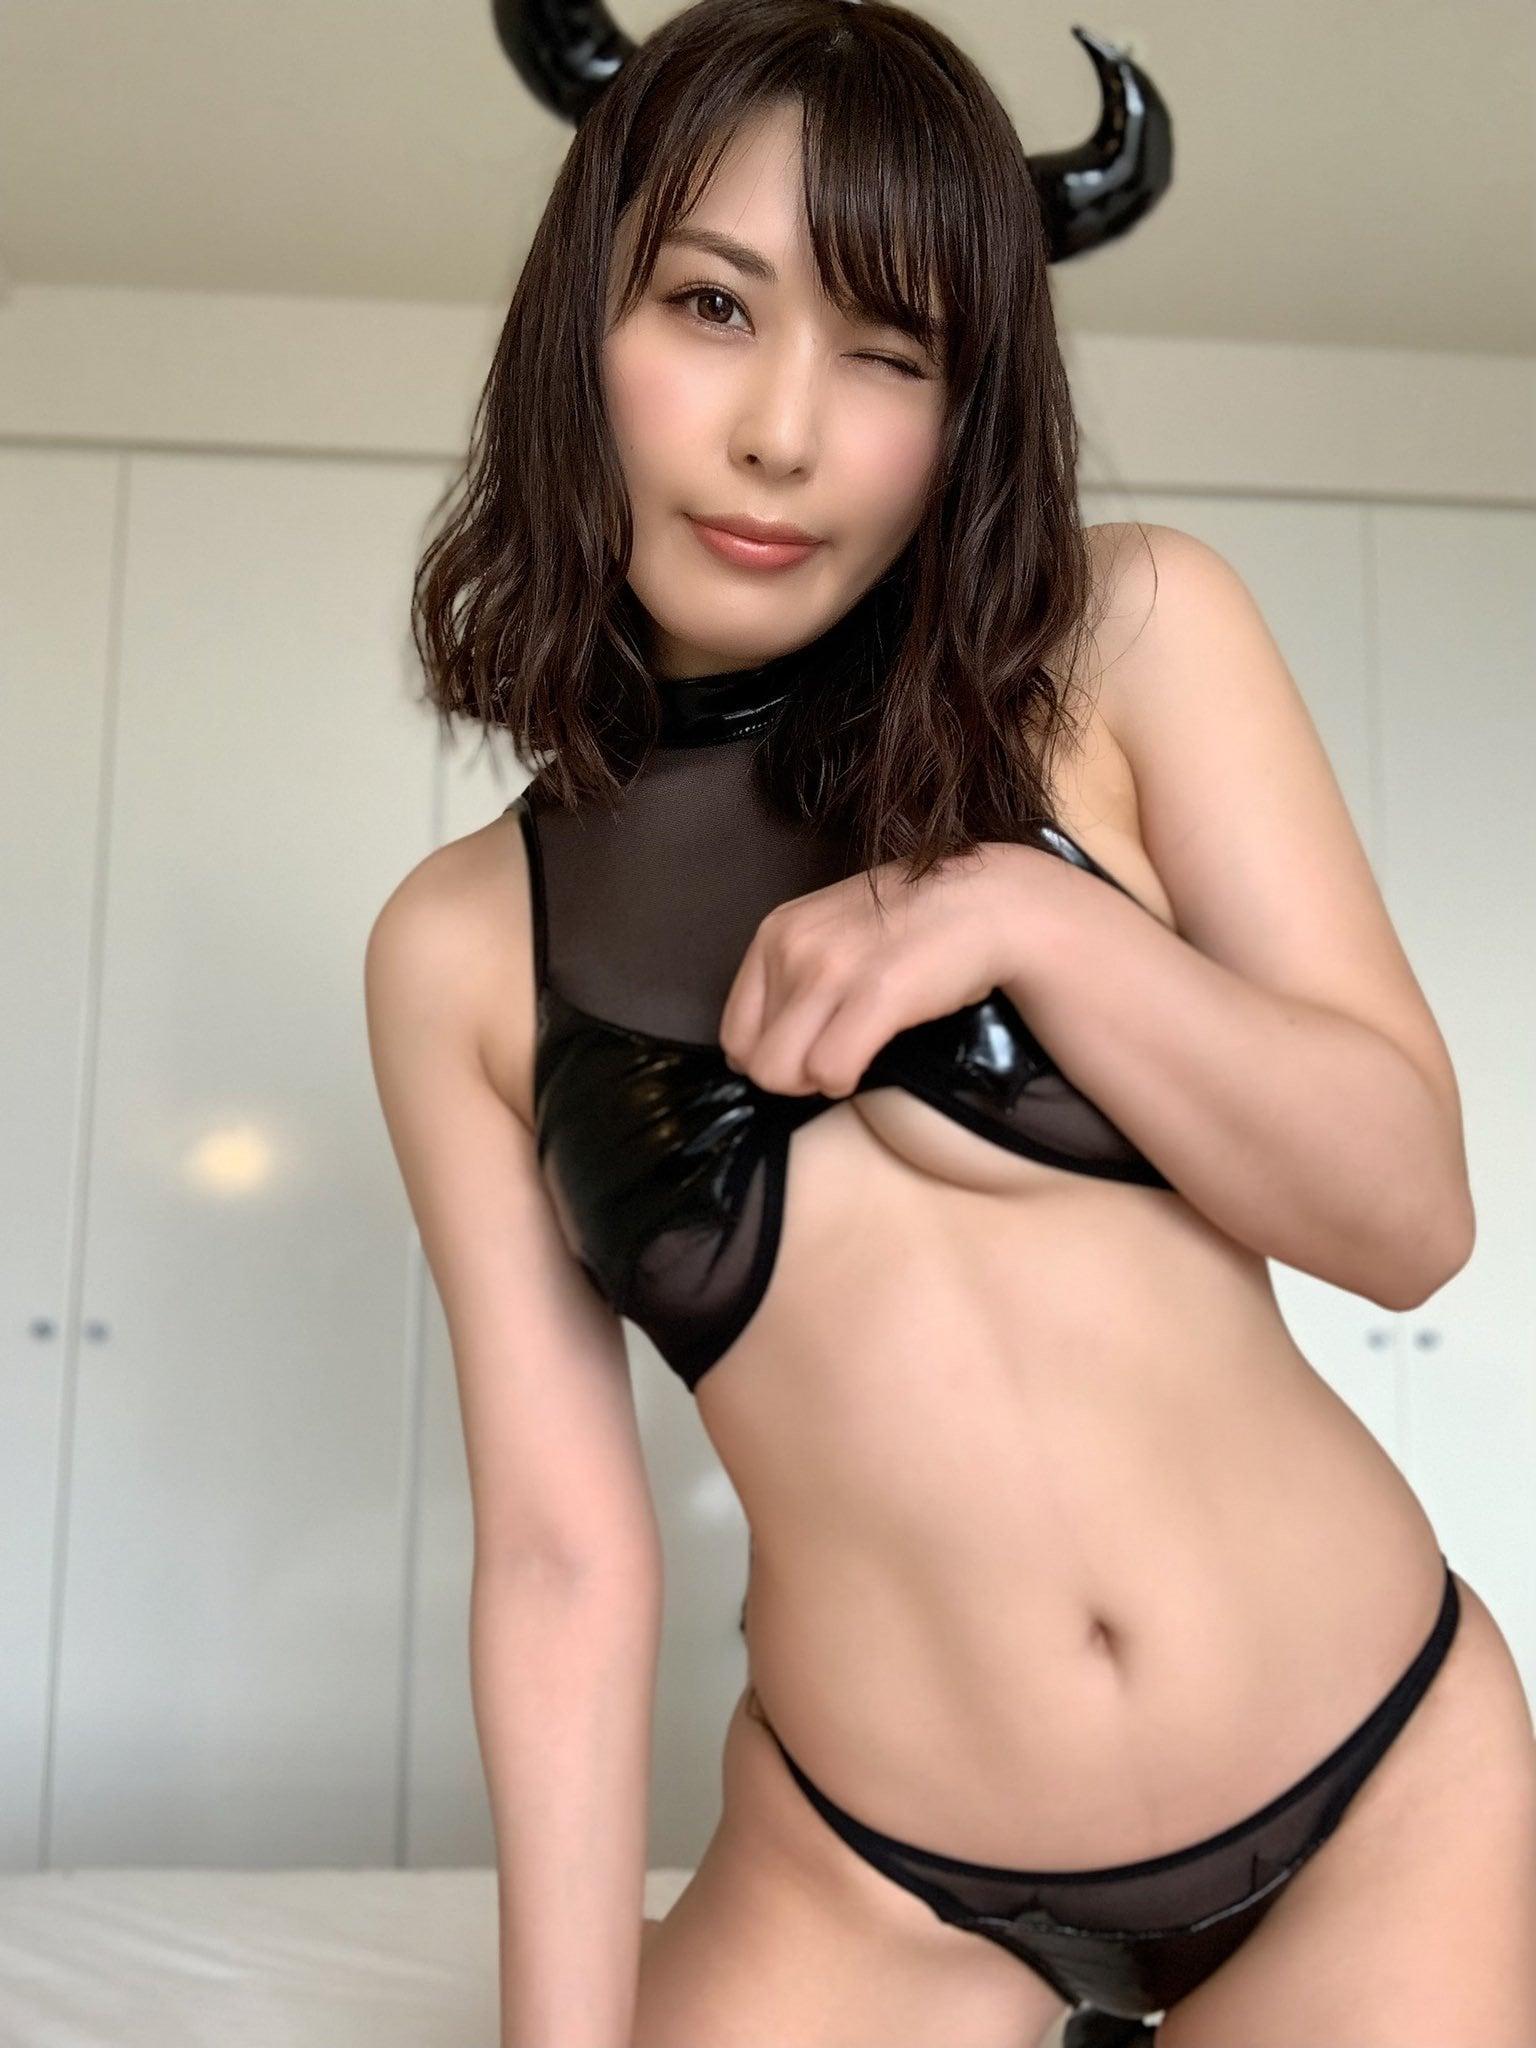 金子智美「下乳、見せてあげる!」えちえち悪魔のご褒美に大興奮【画像3枚】の画像002